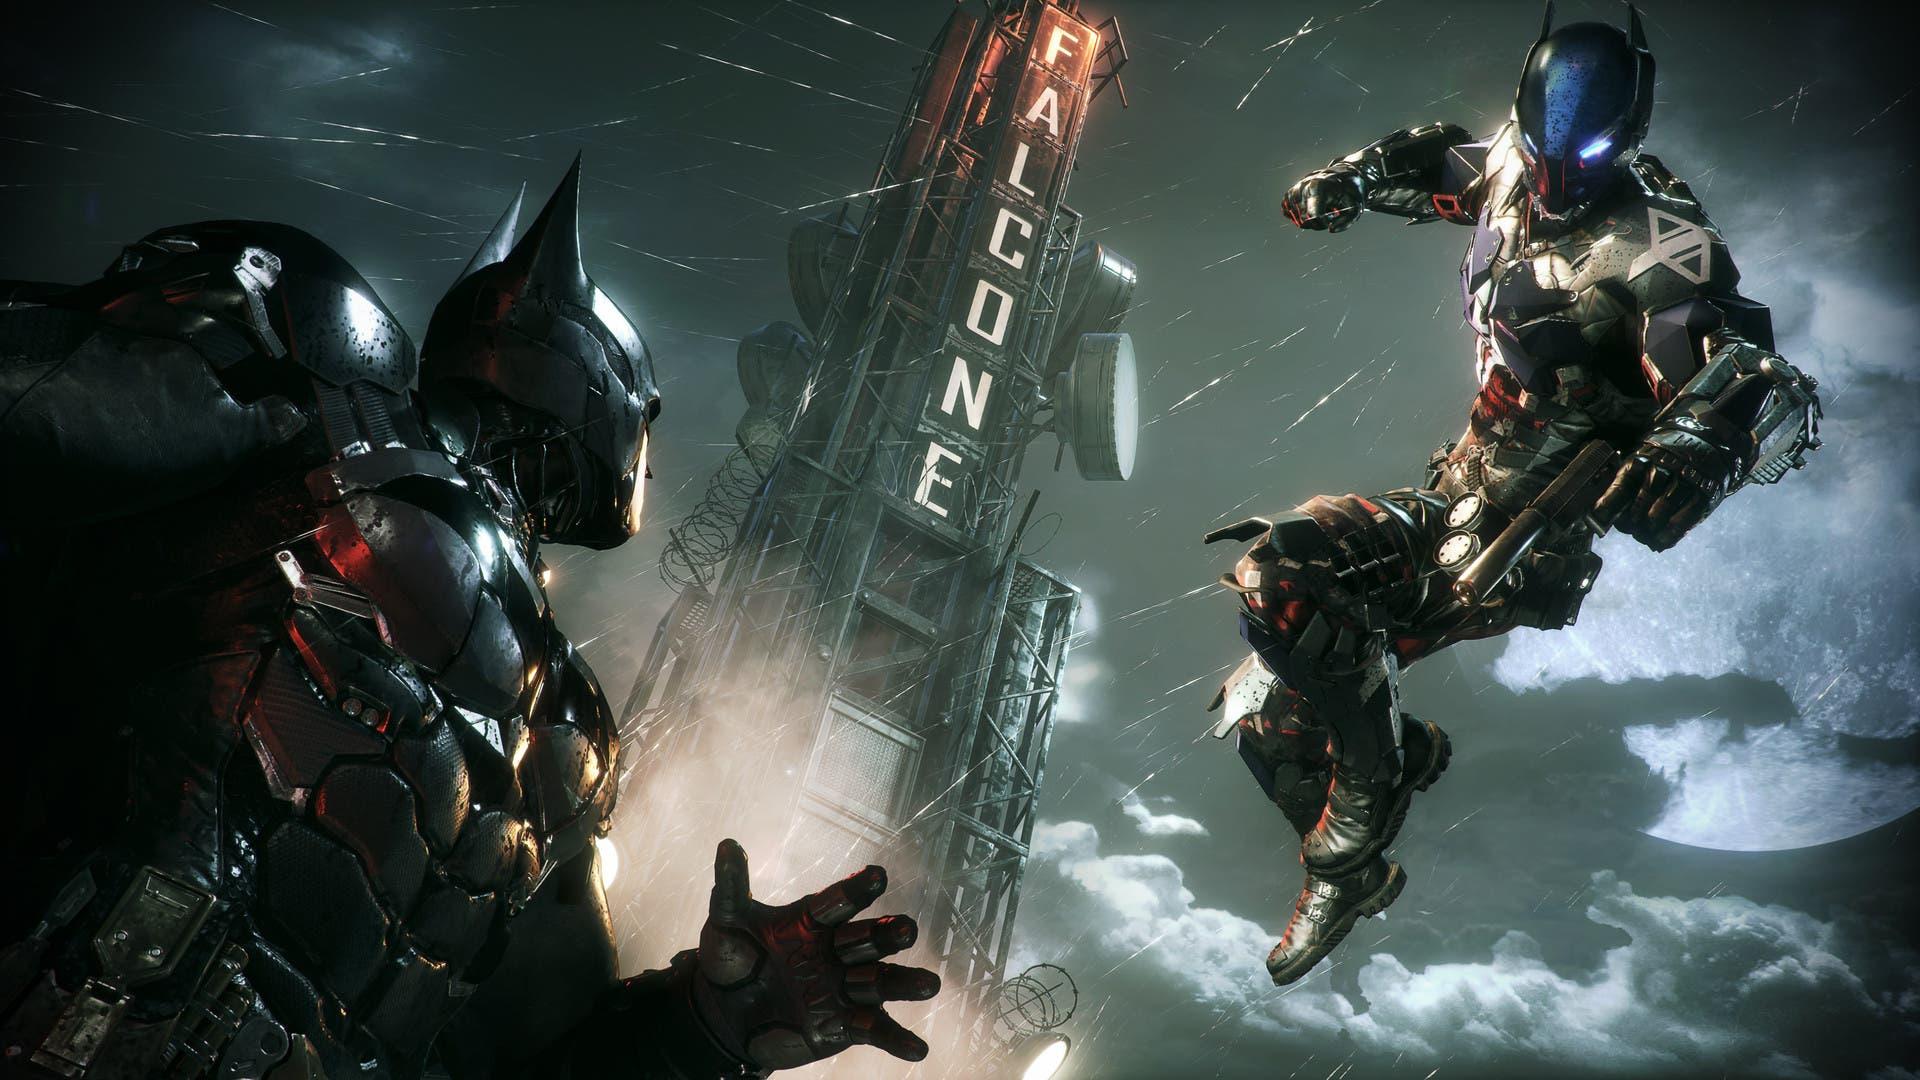 BatmanAK featured